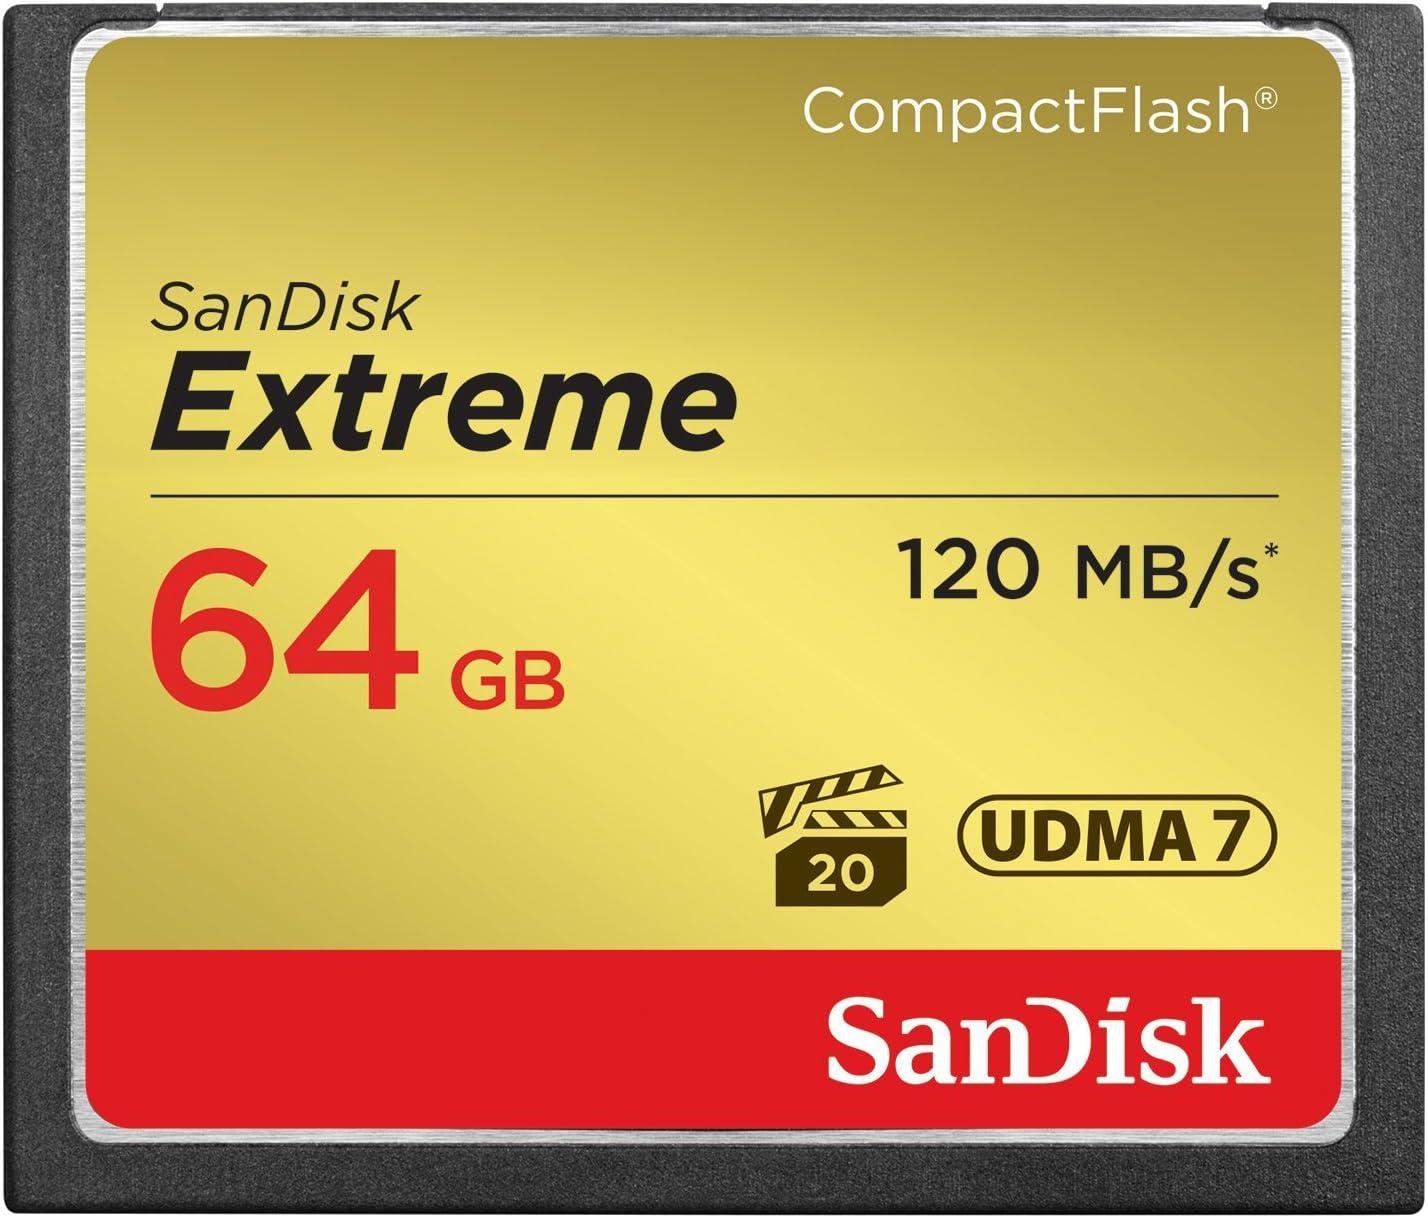 Sandisk Extreme 32gb Compactflash Udma7 Speicherkarte Computer Zubehör